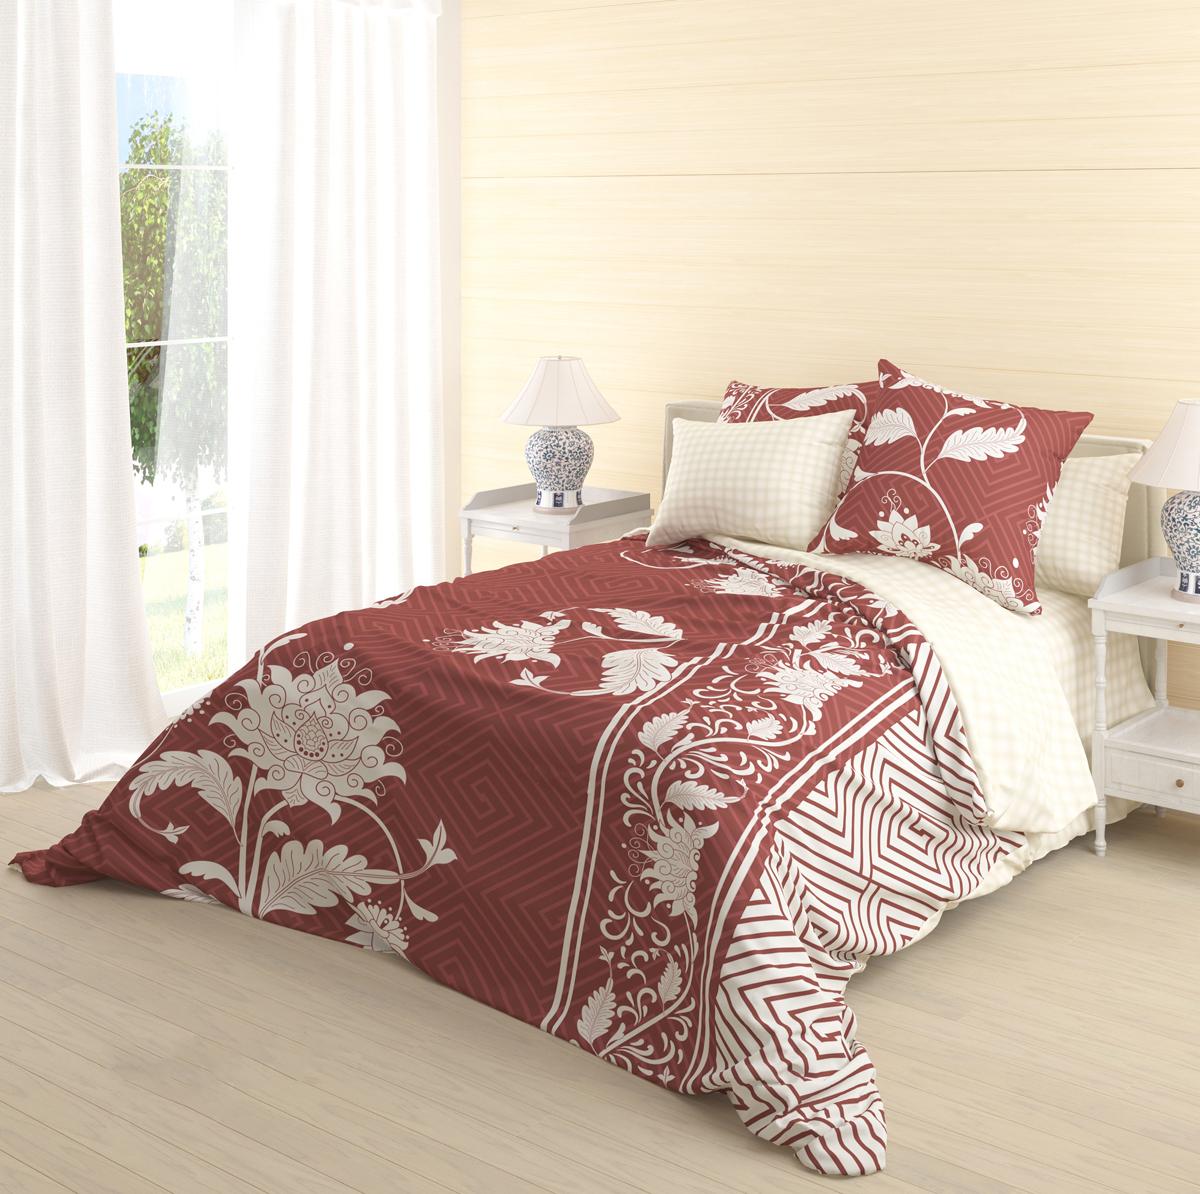 Комплект белья Волшебная ночь Rozan, 2-спальный, наволочки 50х70 см718594Роскошный комплект постельного белья Волшебная ночь Rozan выполнен из натурального ранфорса (100% хлопка) и оформлен оригинальным рисунком. Комплект состоит из пододеяльника, простыни и двух наволочек.Ранфорс - это новая современная гипоаллергенная ткань из натуральных хлопковых волокон, которая прекрасно впитывает влагу, очень проста в уходе, а за счет высокой прочности способна выдерживать большое количество стирок. Высочайшее качество материала гарантирует безопасность.